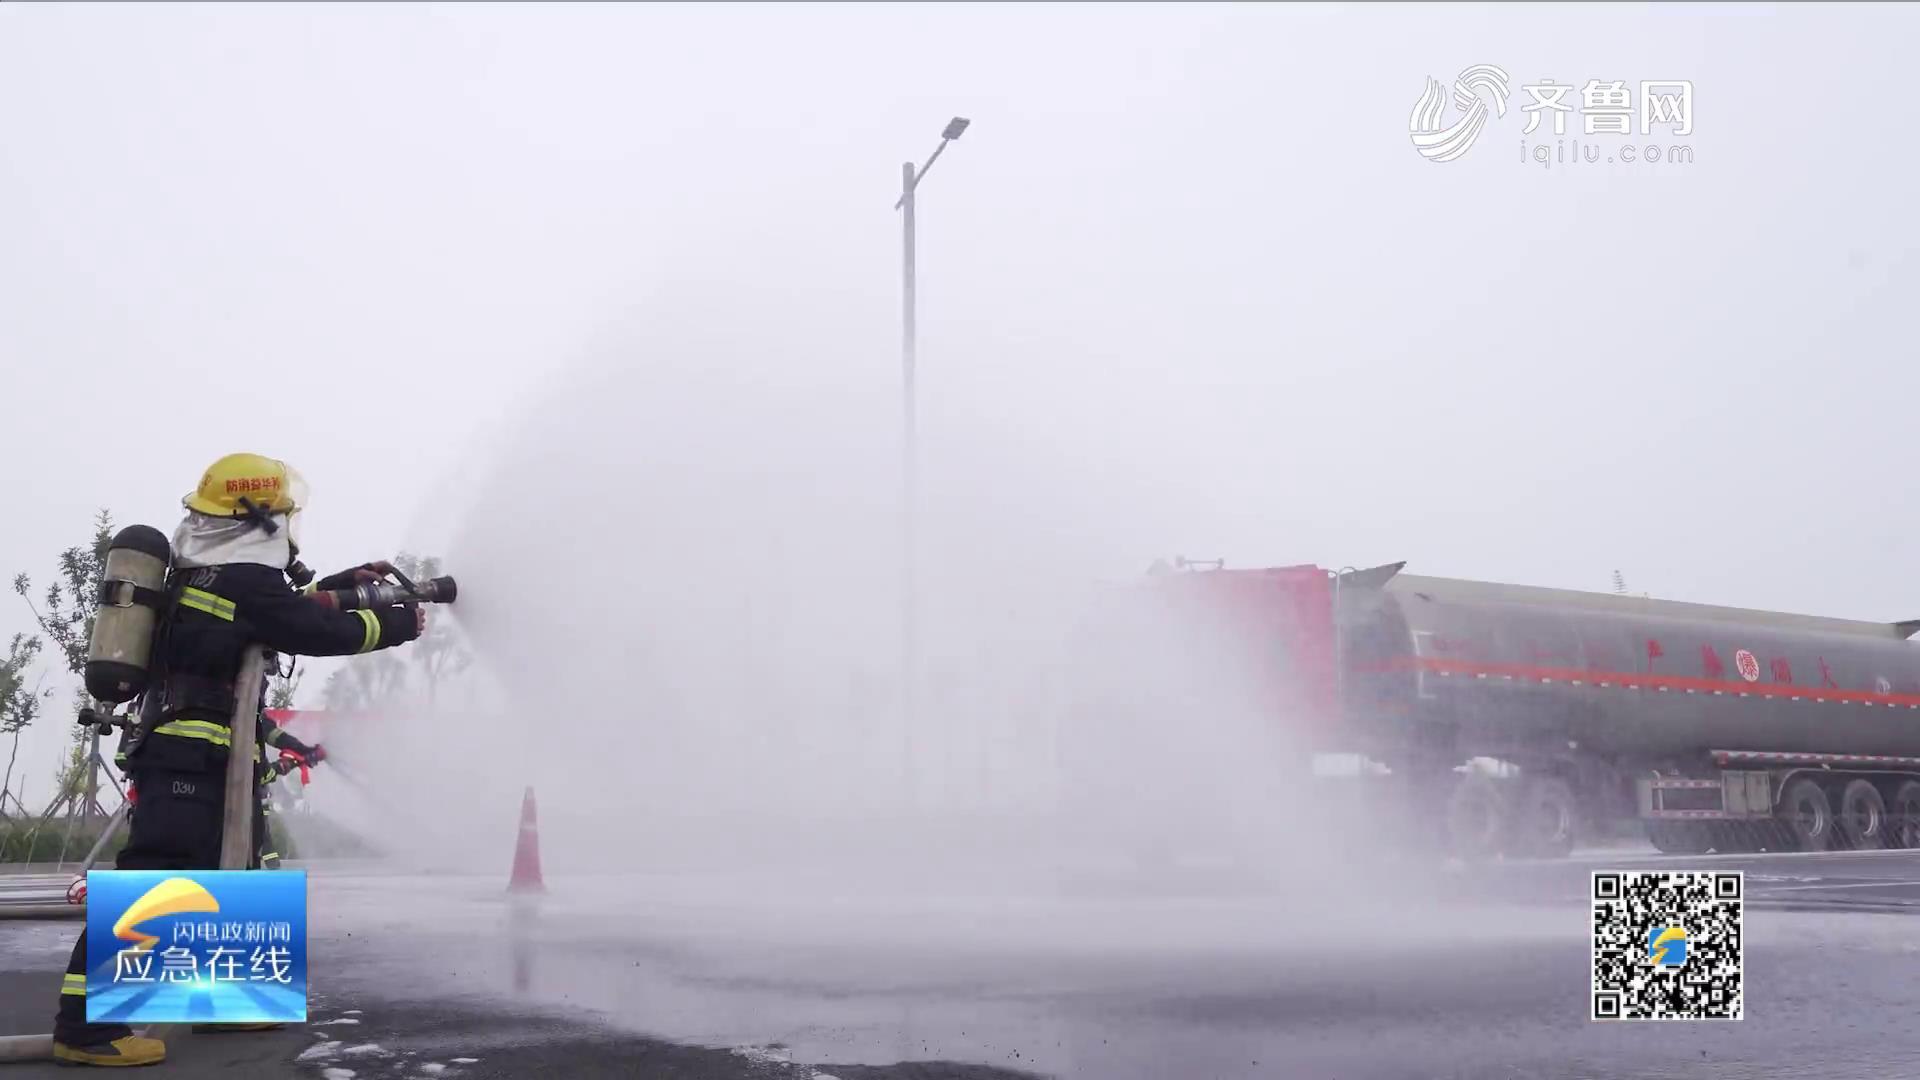 《应急在线》20210905:2021年山东省举行危险化学品道路运输泄漏事故应急演练